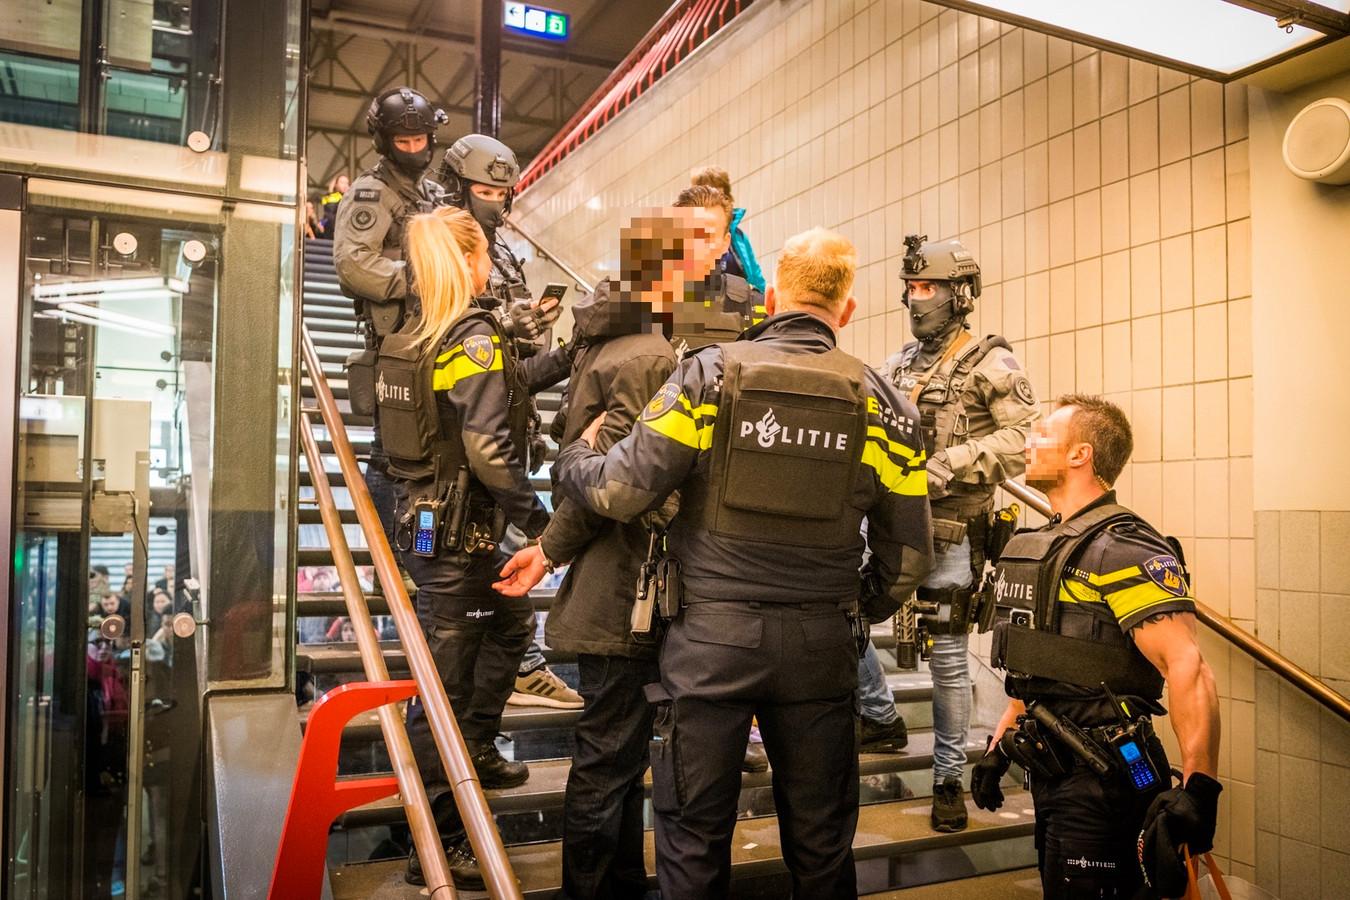 Politie rond een man die wordt gearresteerd op station Eindhoven.